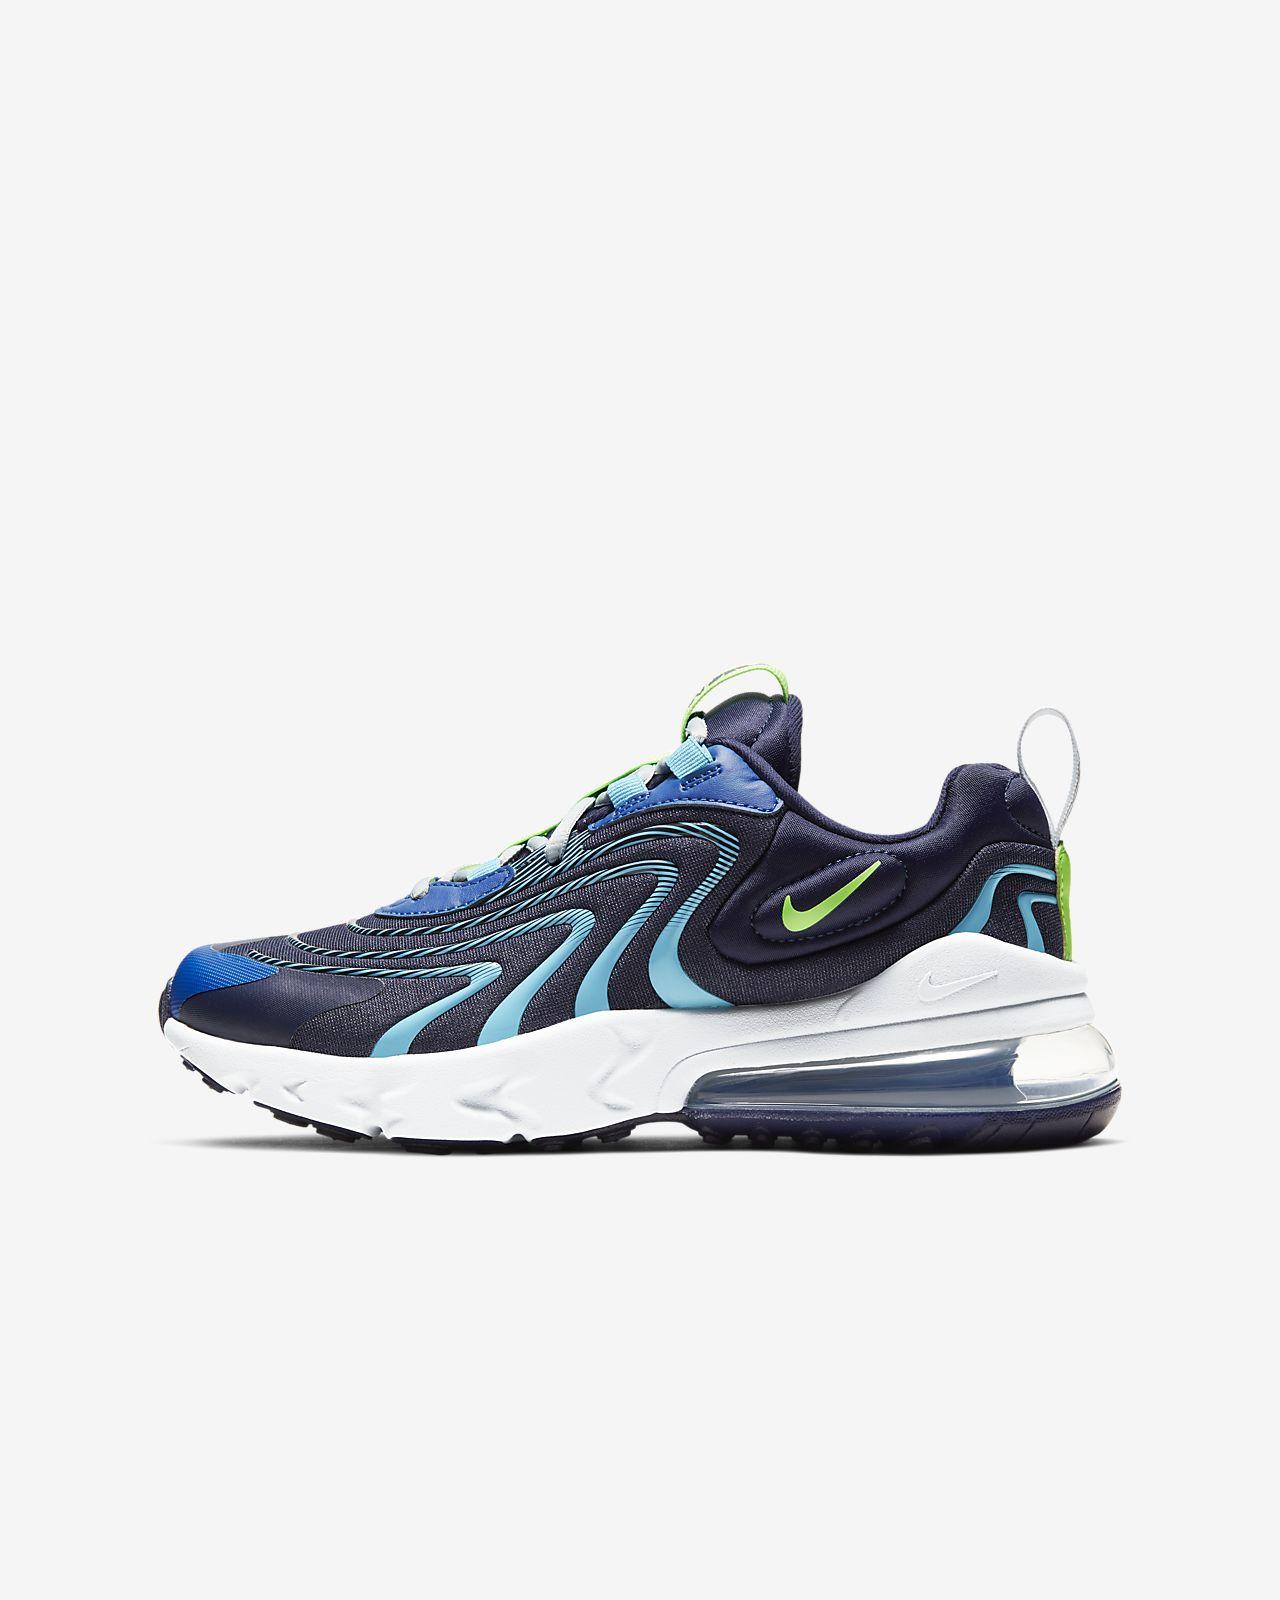 Nike Air Max 270 React ENG-sko til store børn